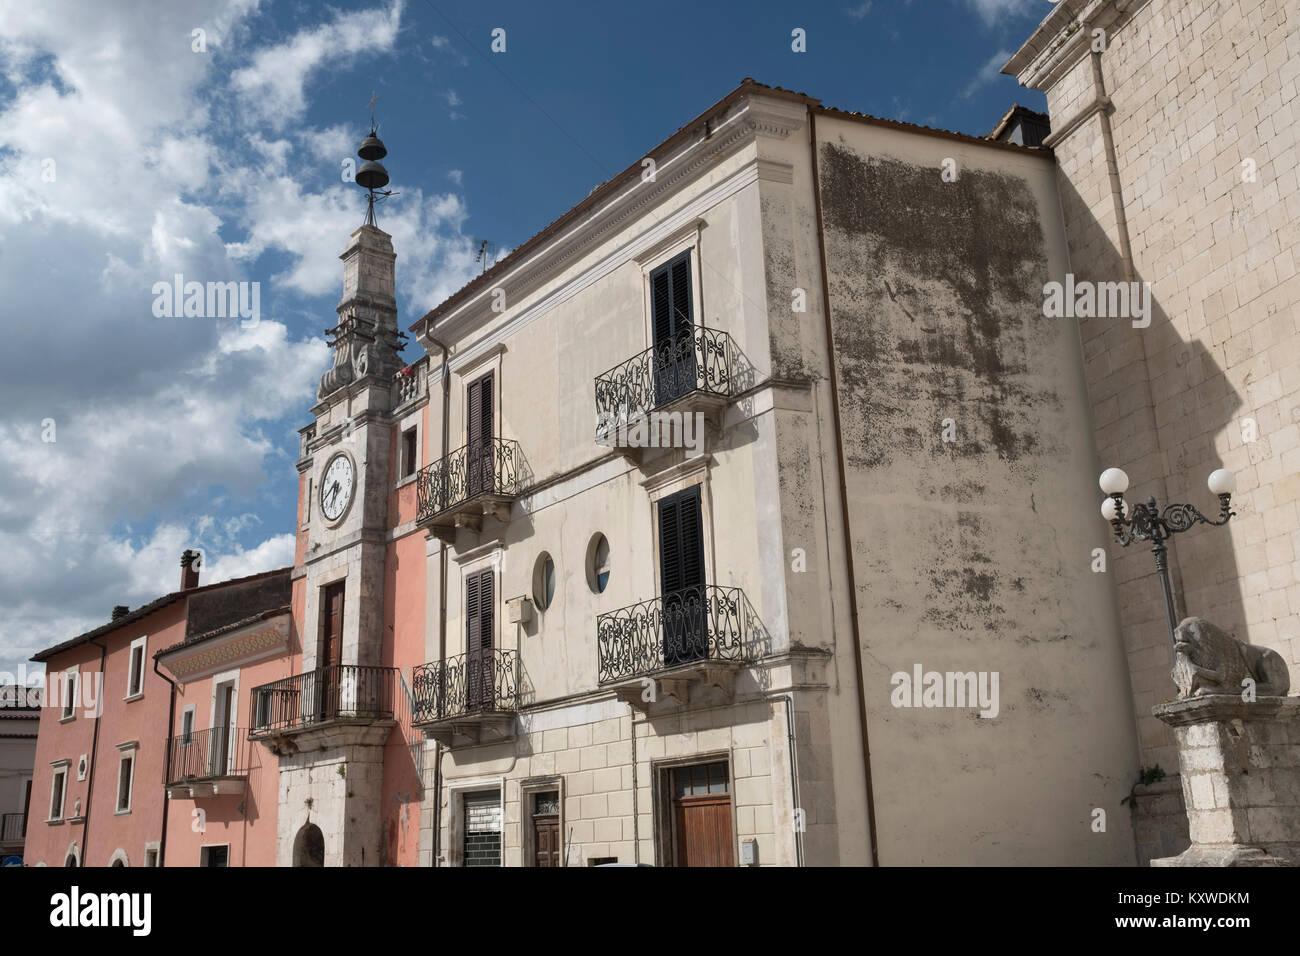 Popoli (L'Aquila, Abruzzi, Italy): historic buildings in Piazza della Liberta, the main square of the city - Stock Image